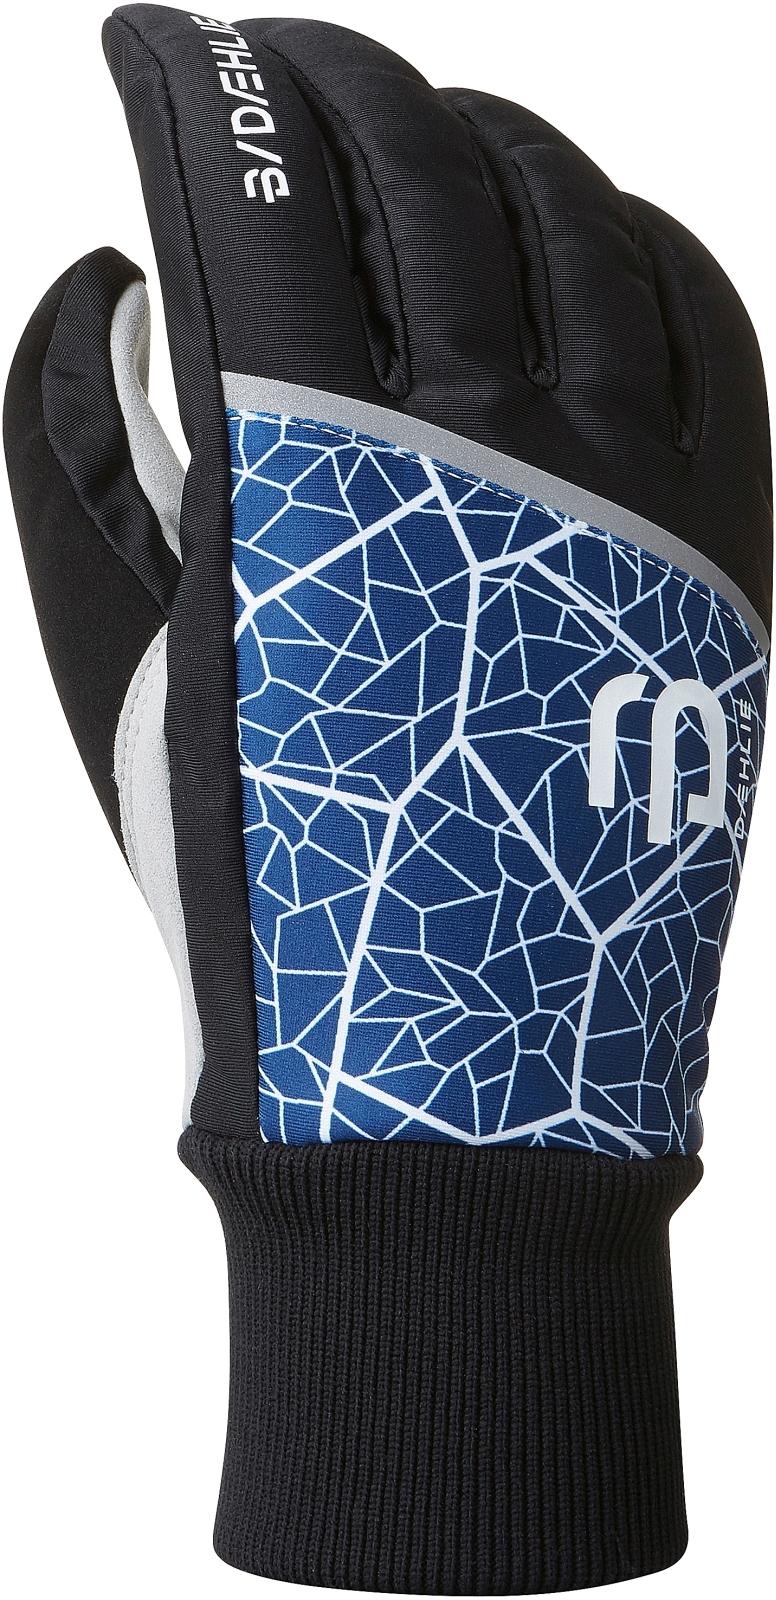 6d99180ccde Běžkařské rukavice Bjorn Daehlie Glove Duell - 25300 - Ski a Bike ...